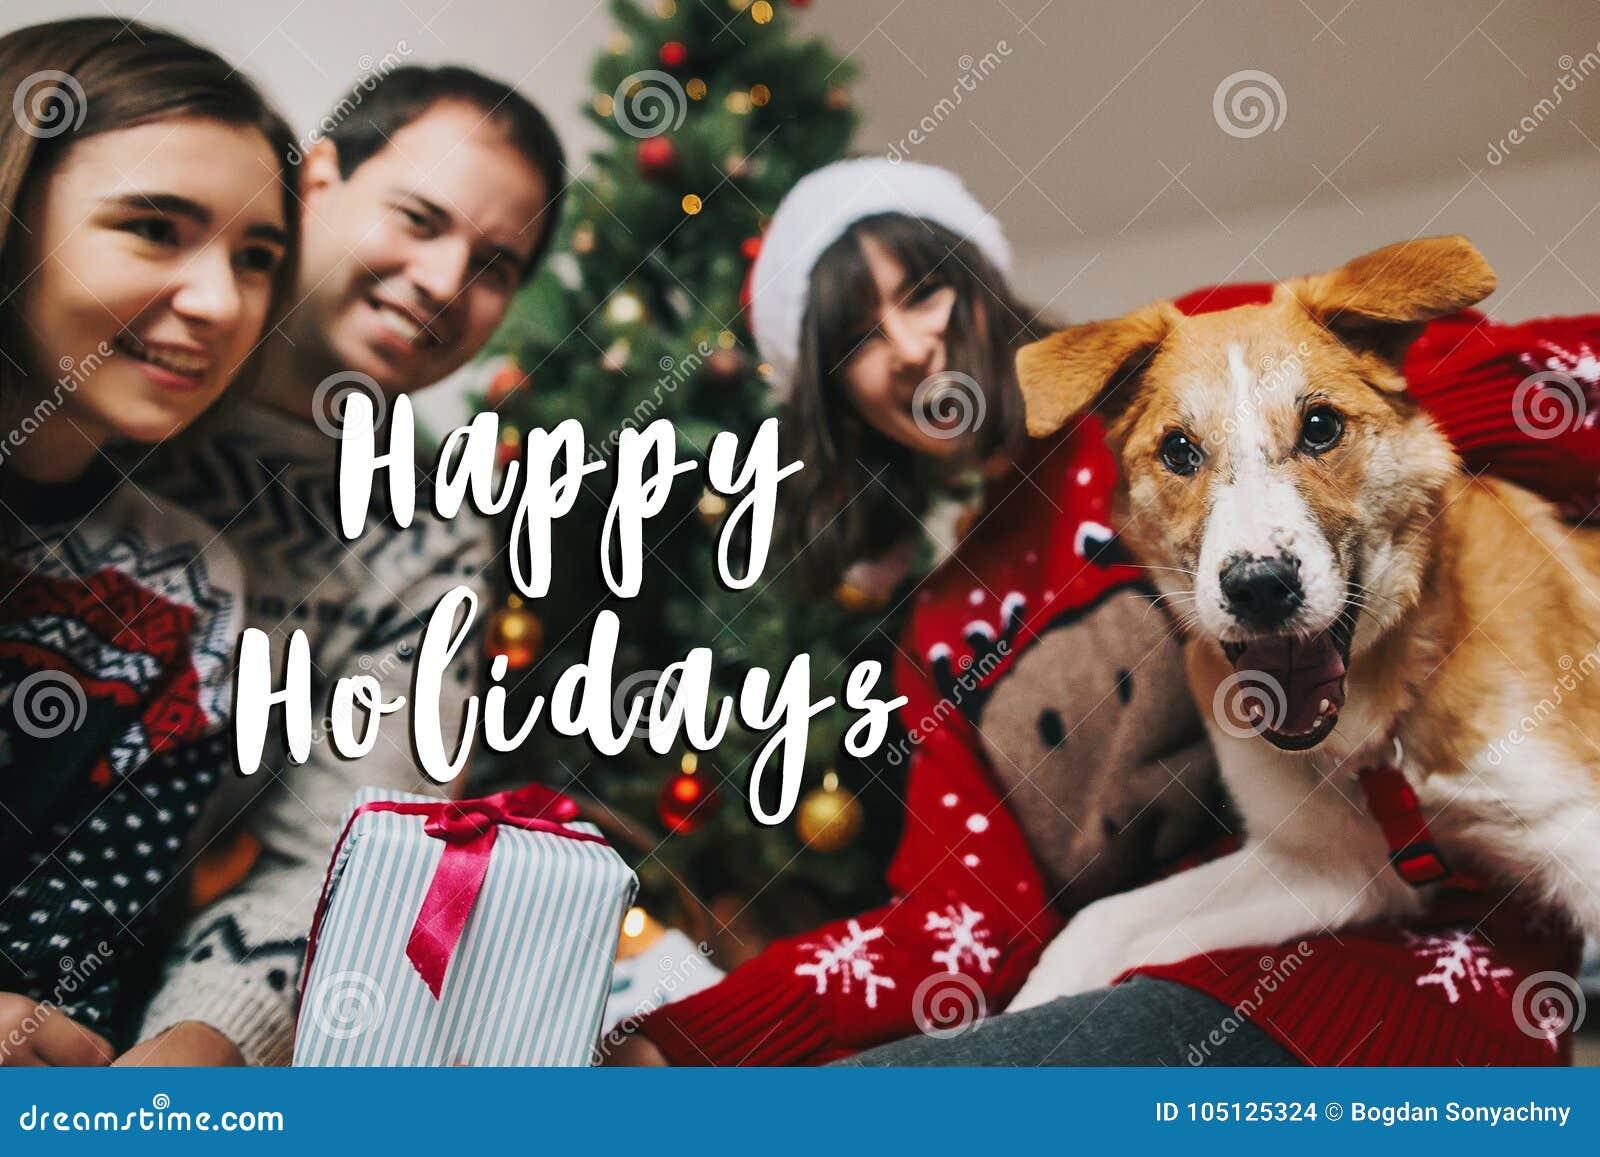 Szczęśliwy wakacje teksta znak, kartka z pozdrowieniami dobrze, rodzinnej zabawy